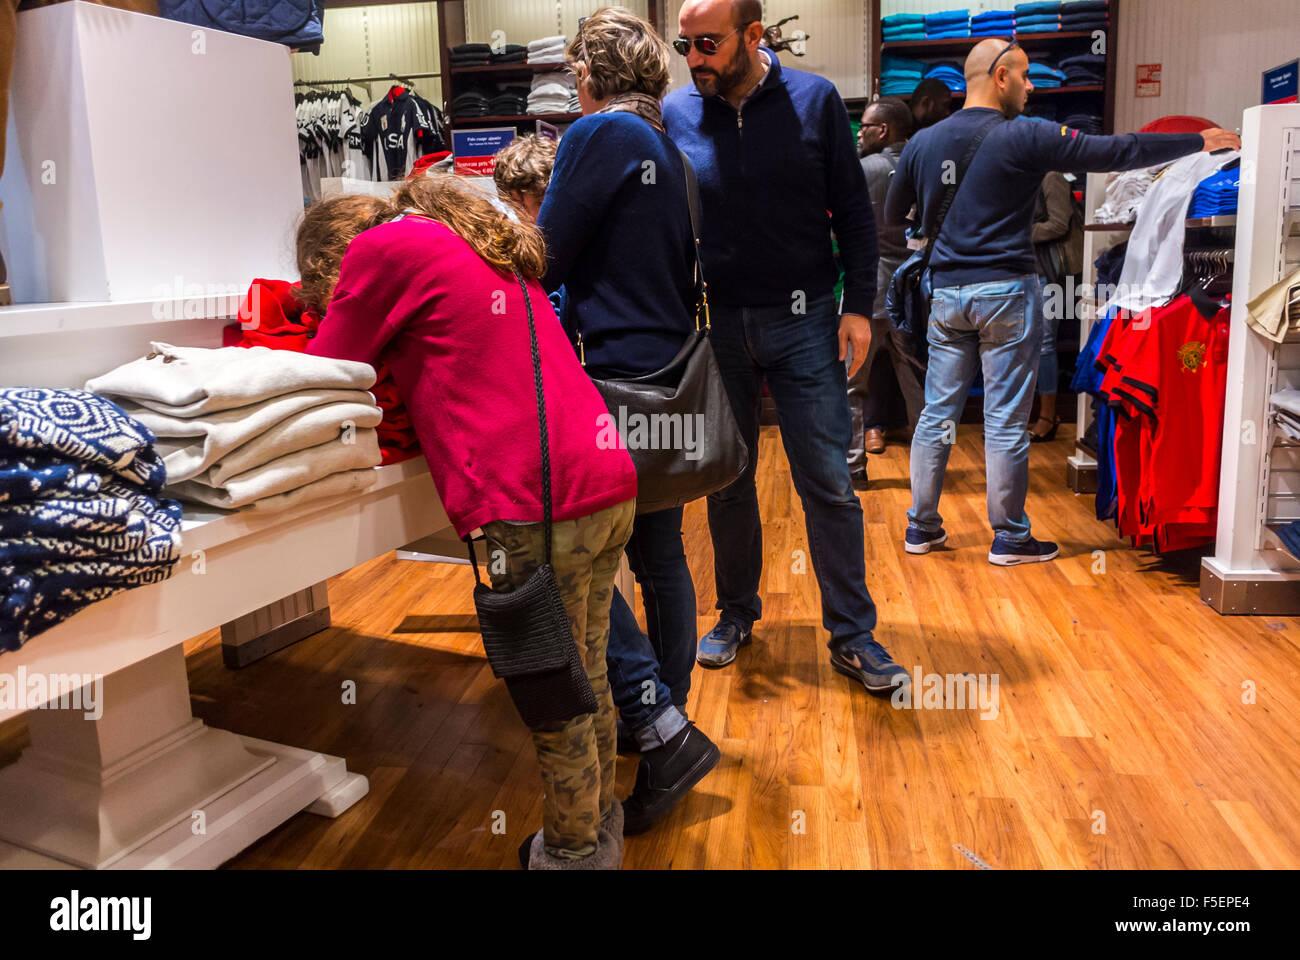 new arrival 407ae 43313 Parigi, Francia, Famiglia shopping di moda negozi di vestiti ...